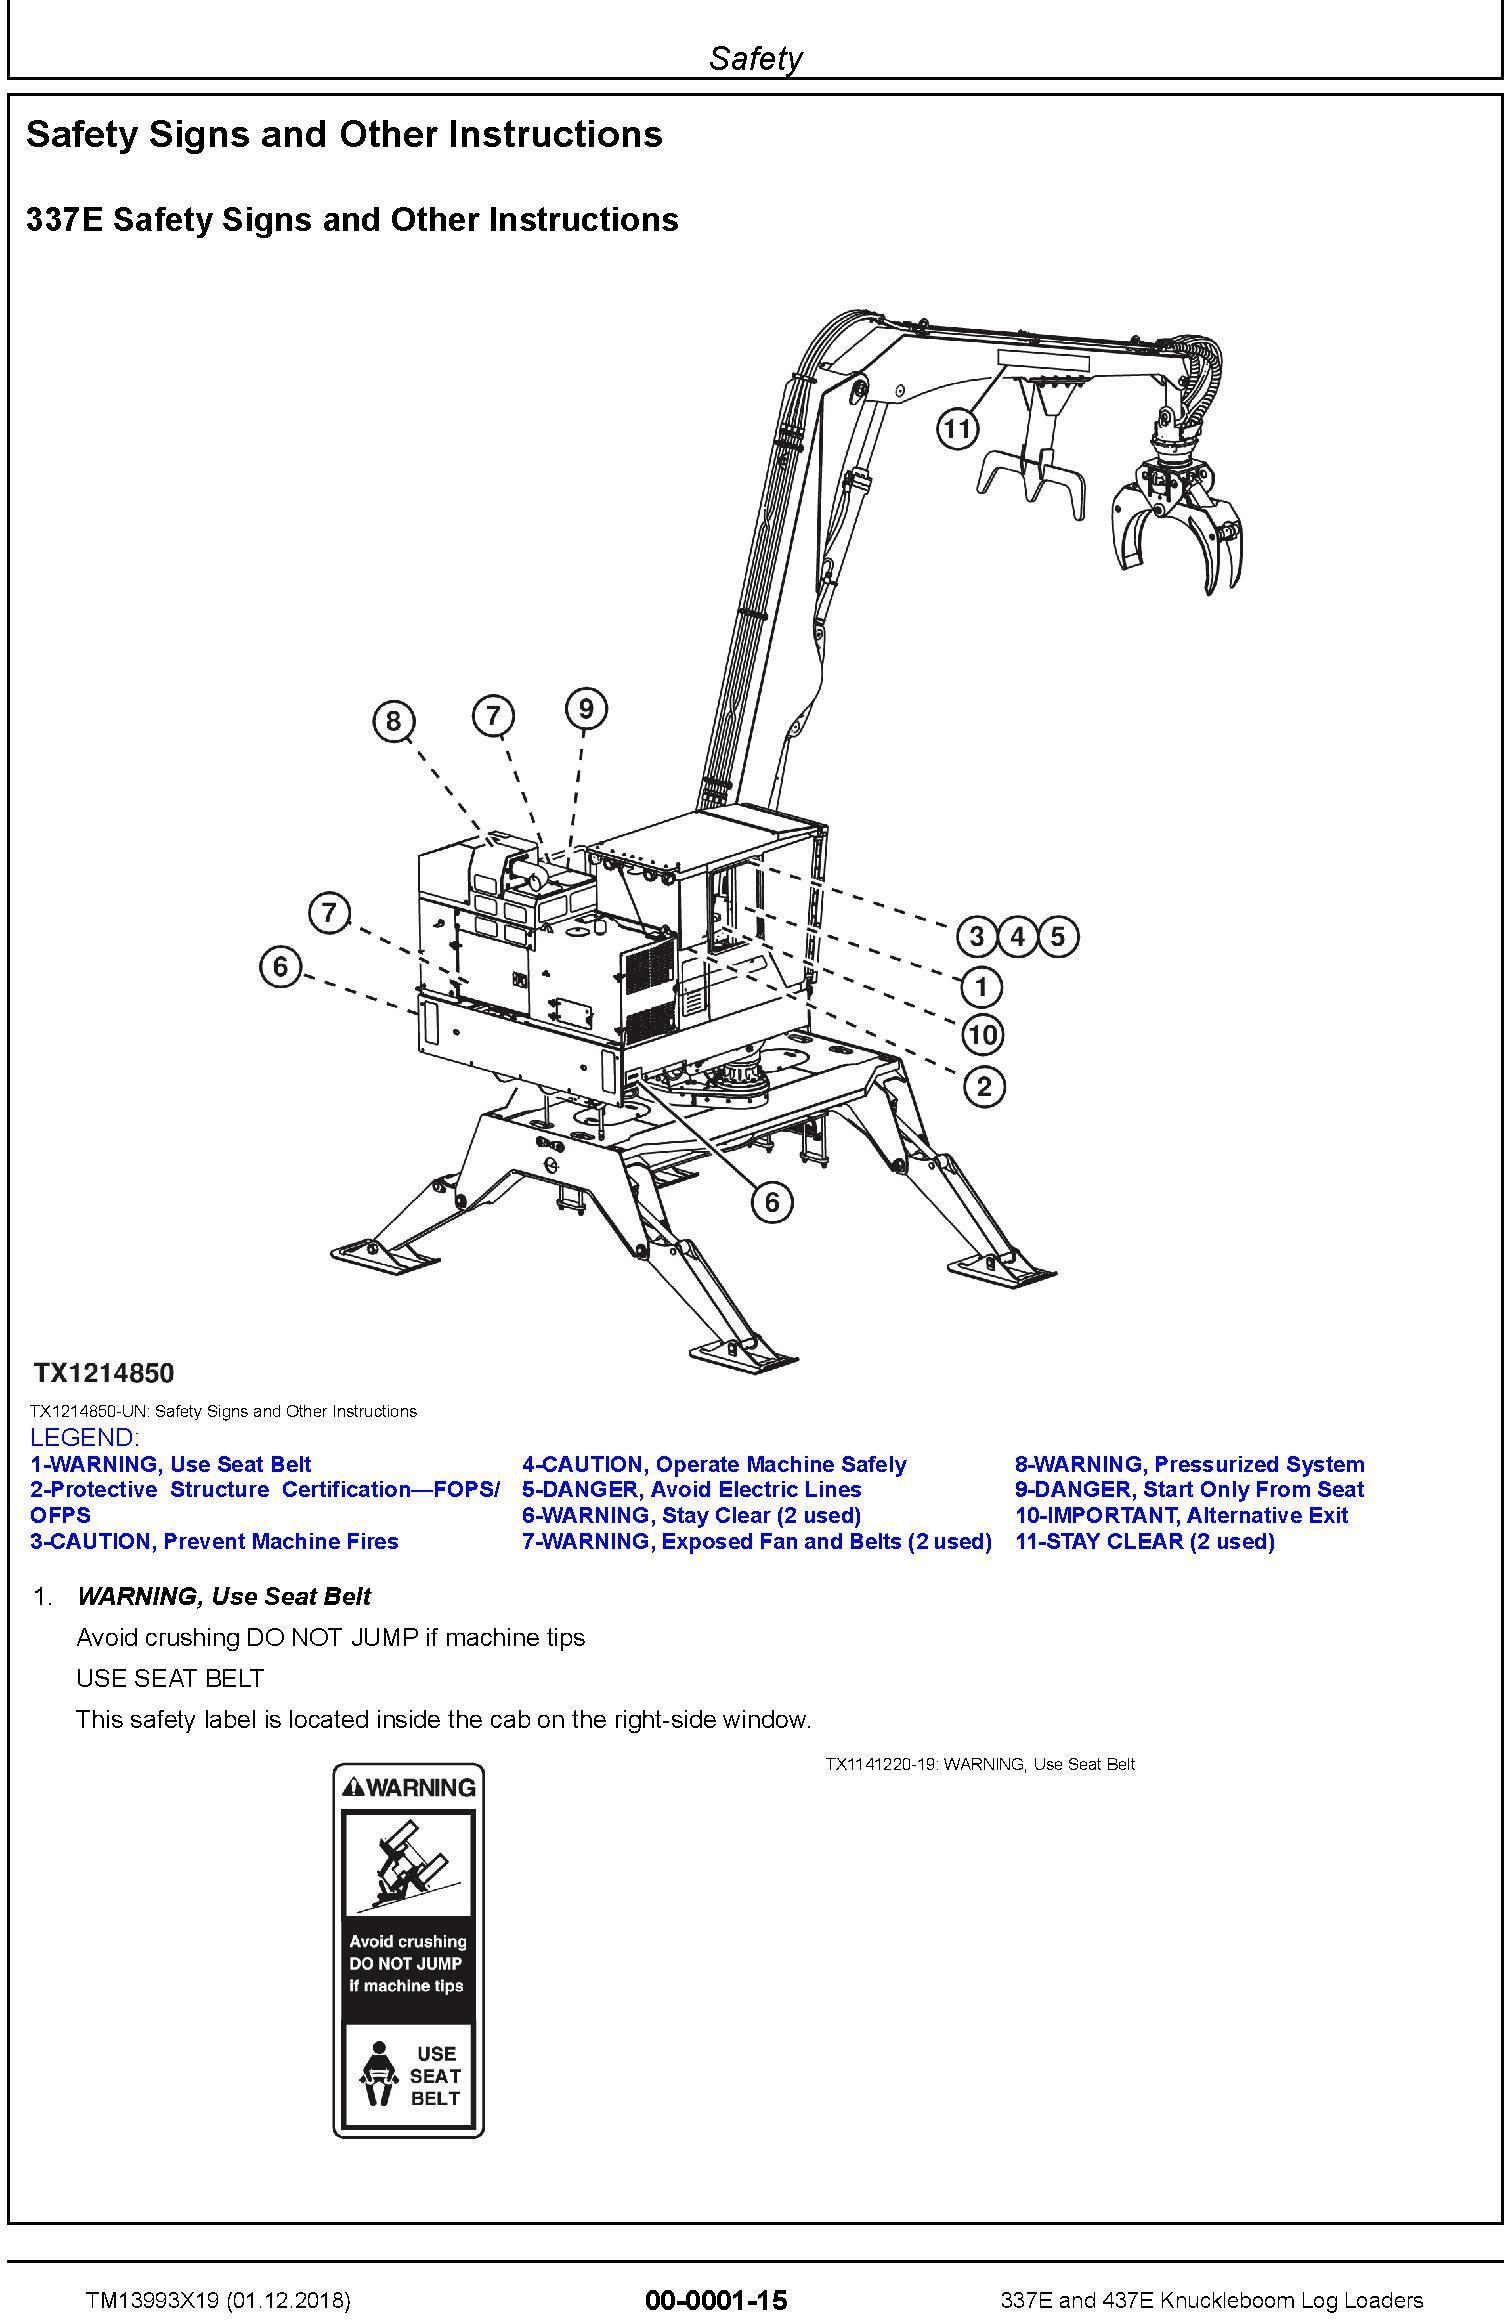 John Deere 337E, 437E (SN.F291461-) Knuckleboom Log Loaders Repair Manual (TM13993X19) - 1